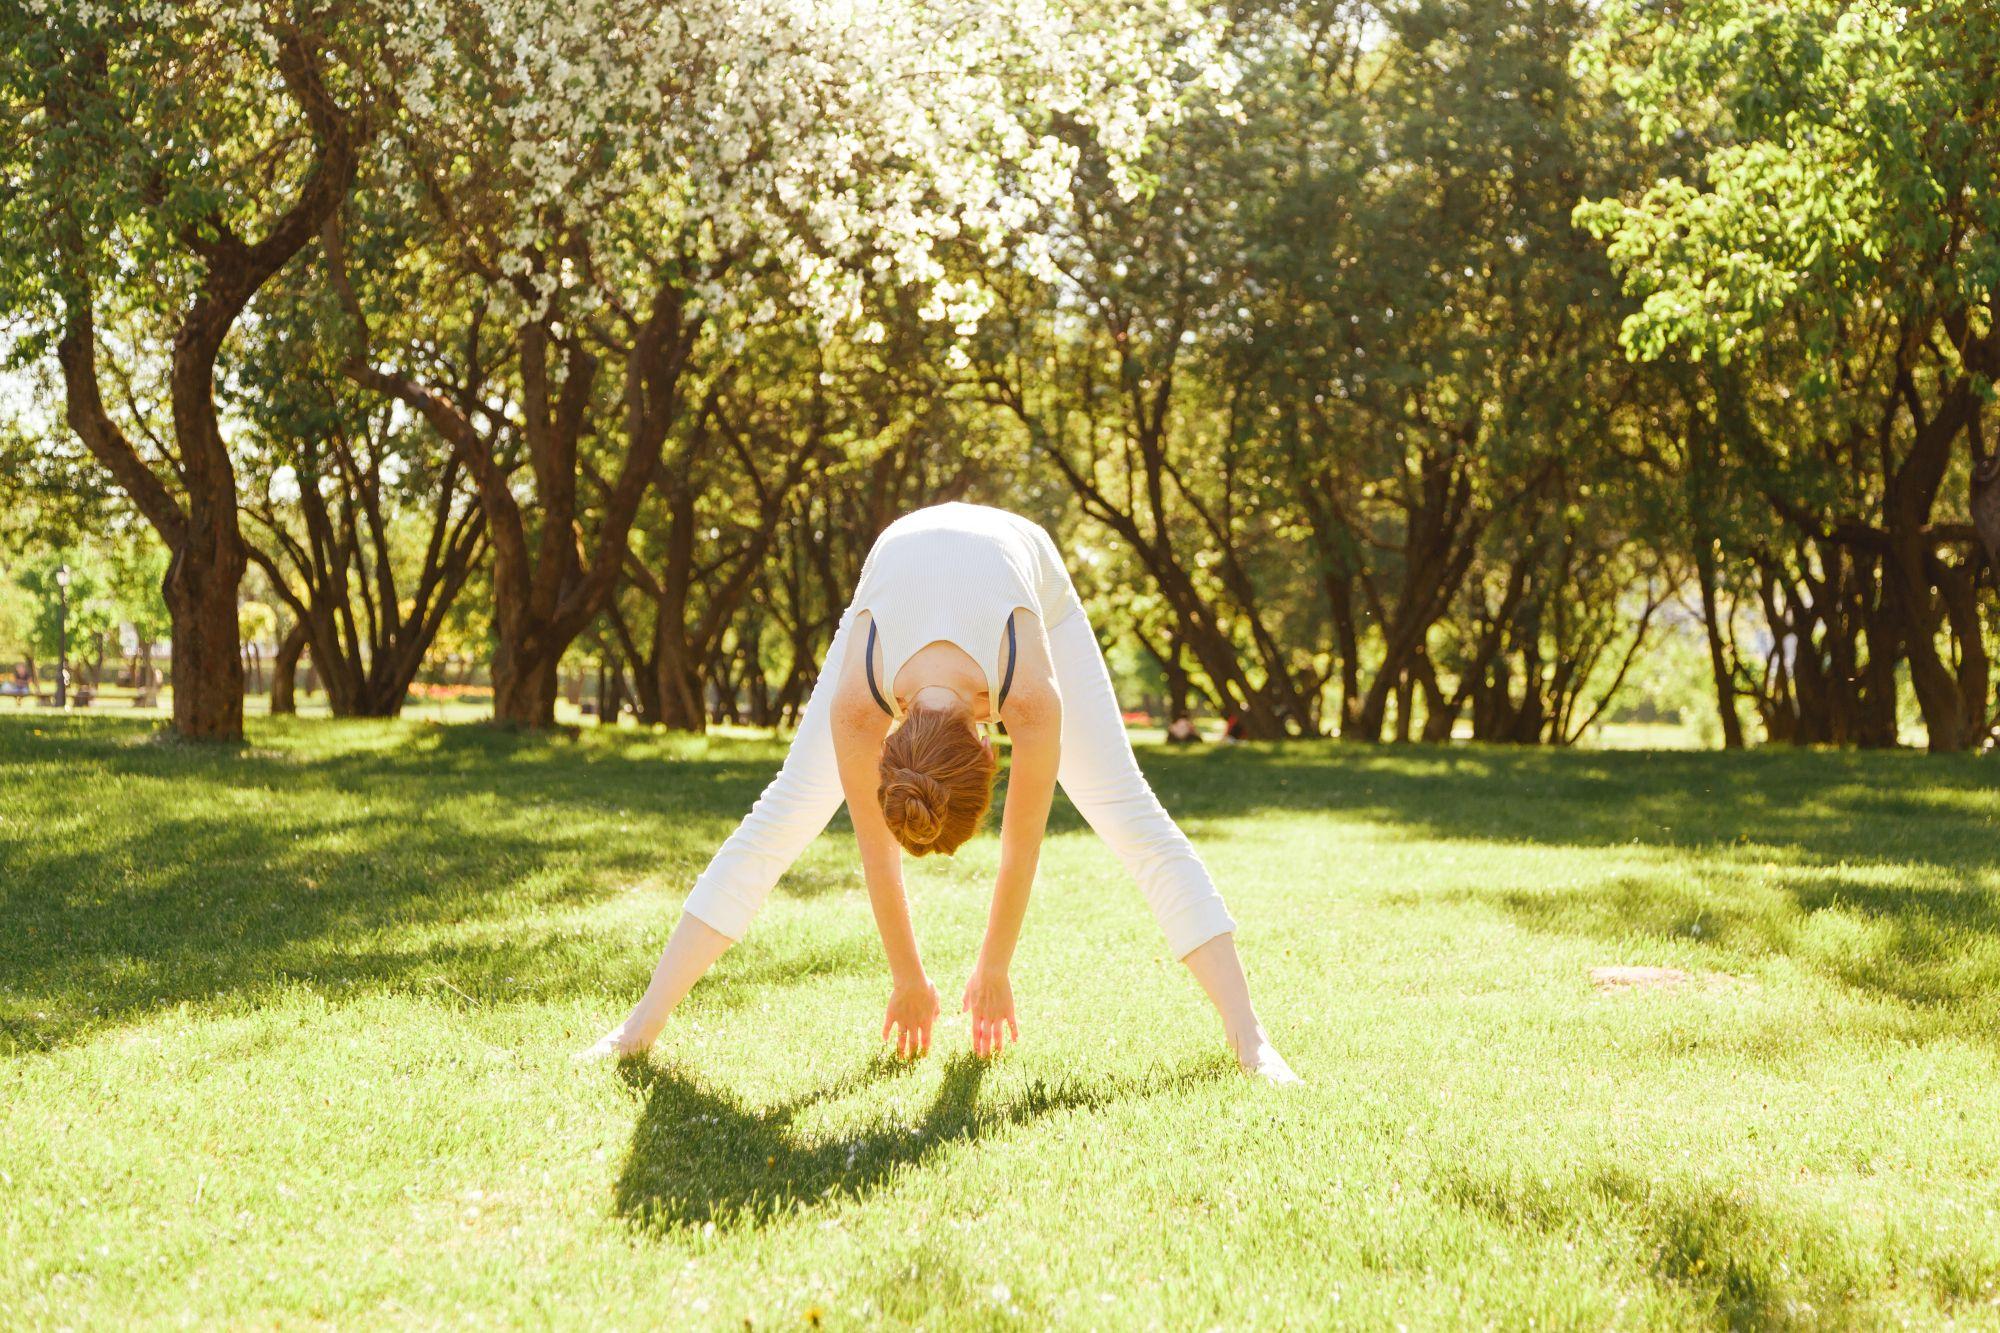 Nainen venyttelee puistossa ja näin parantaa hengitystään